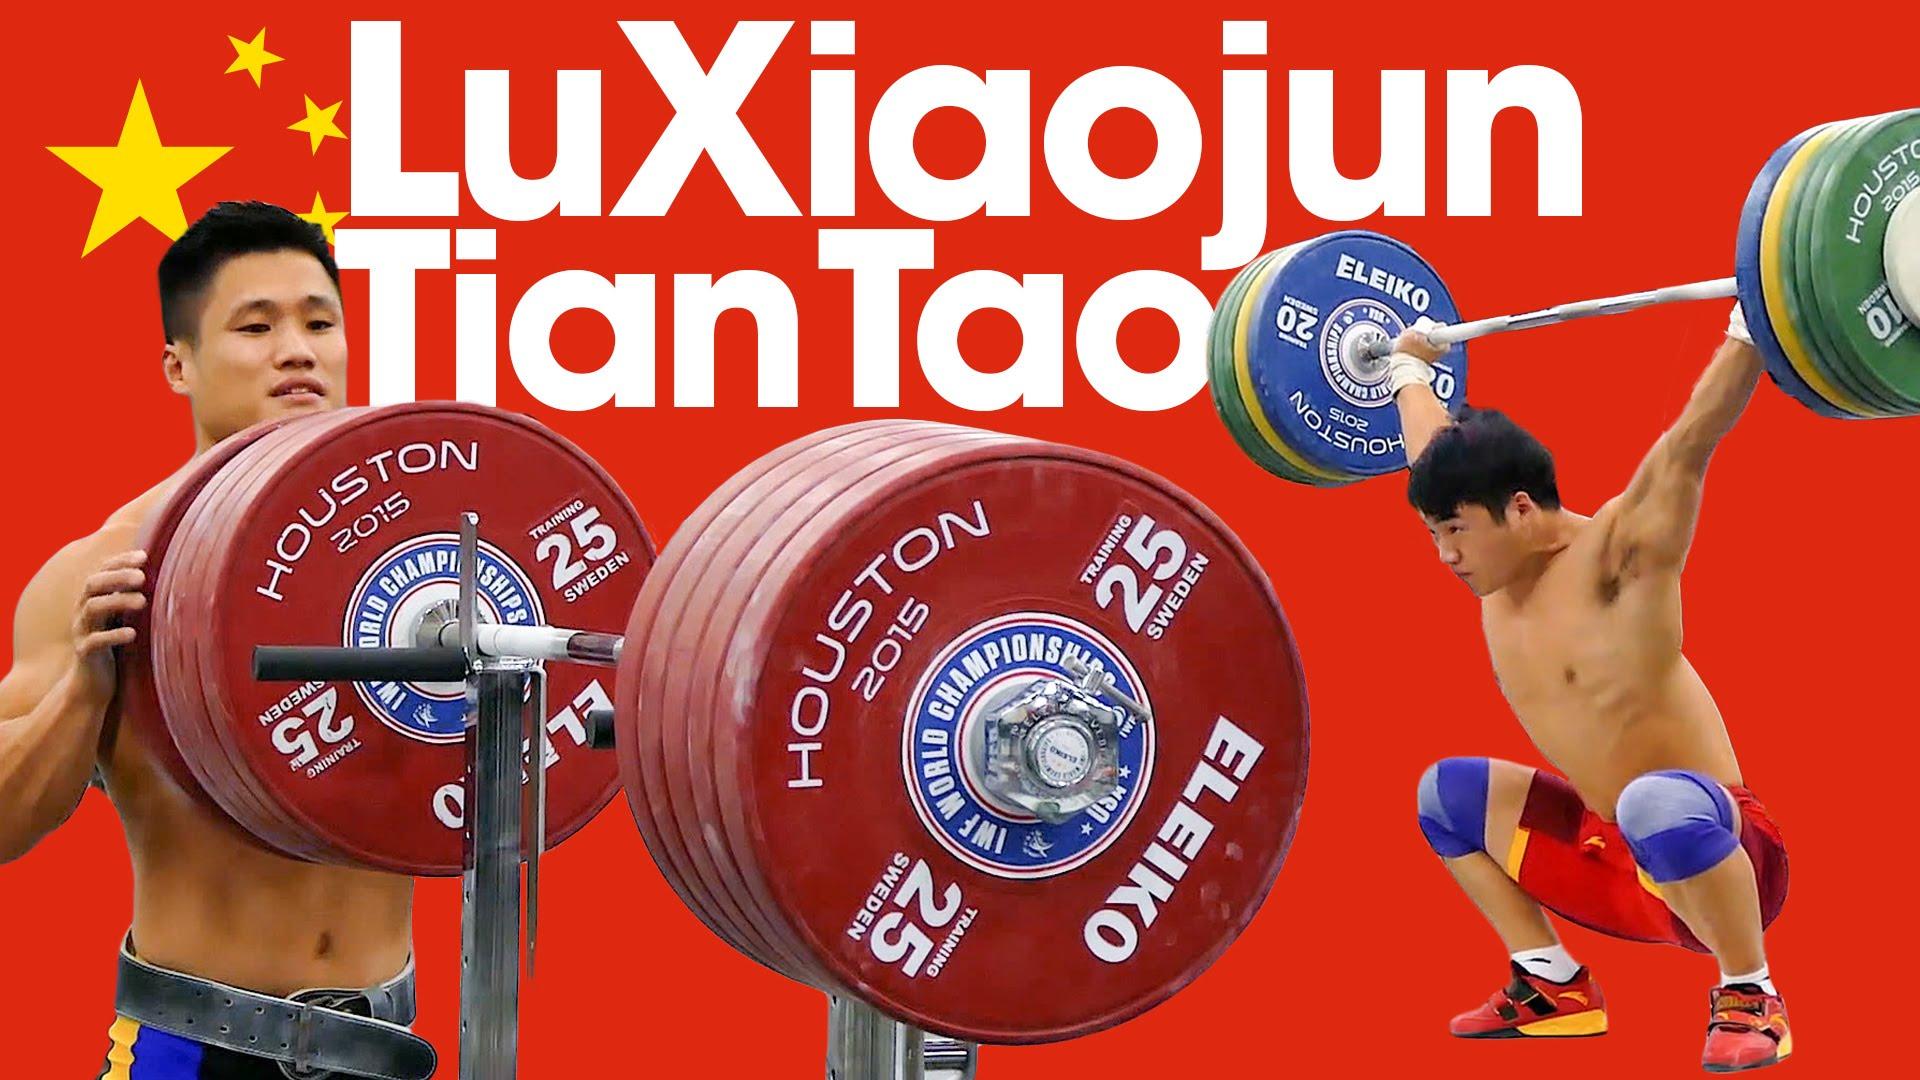 Lu Xiaojun Amp Tian Tao Full Session With 275kg Squat